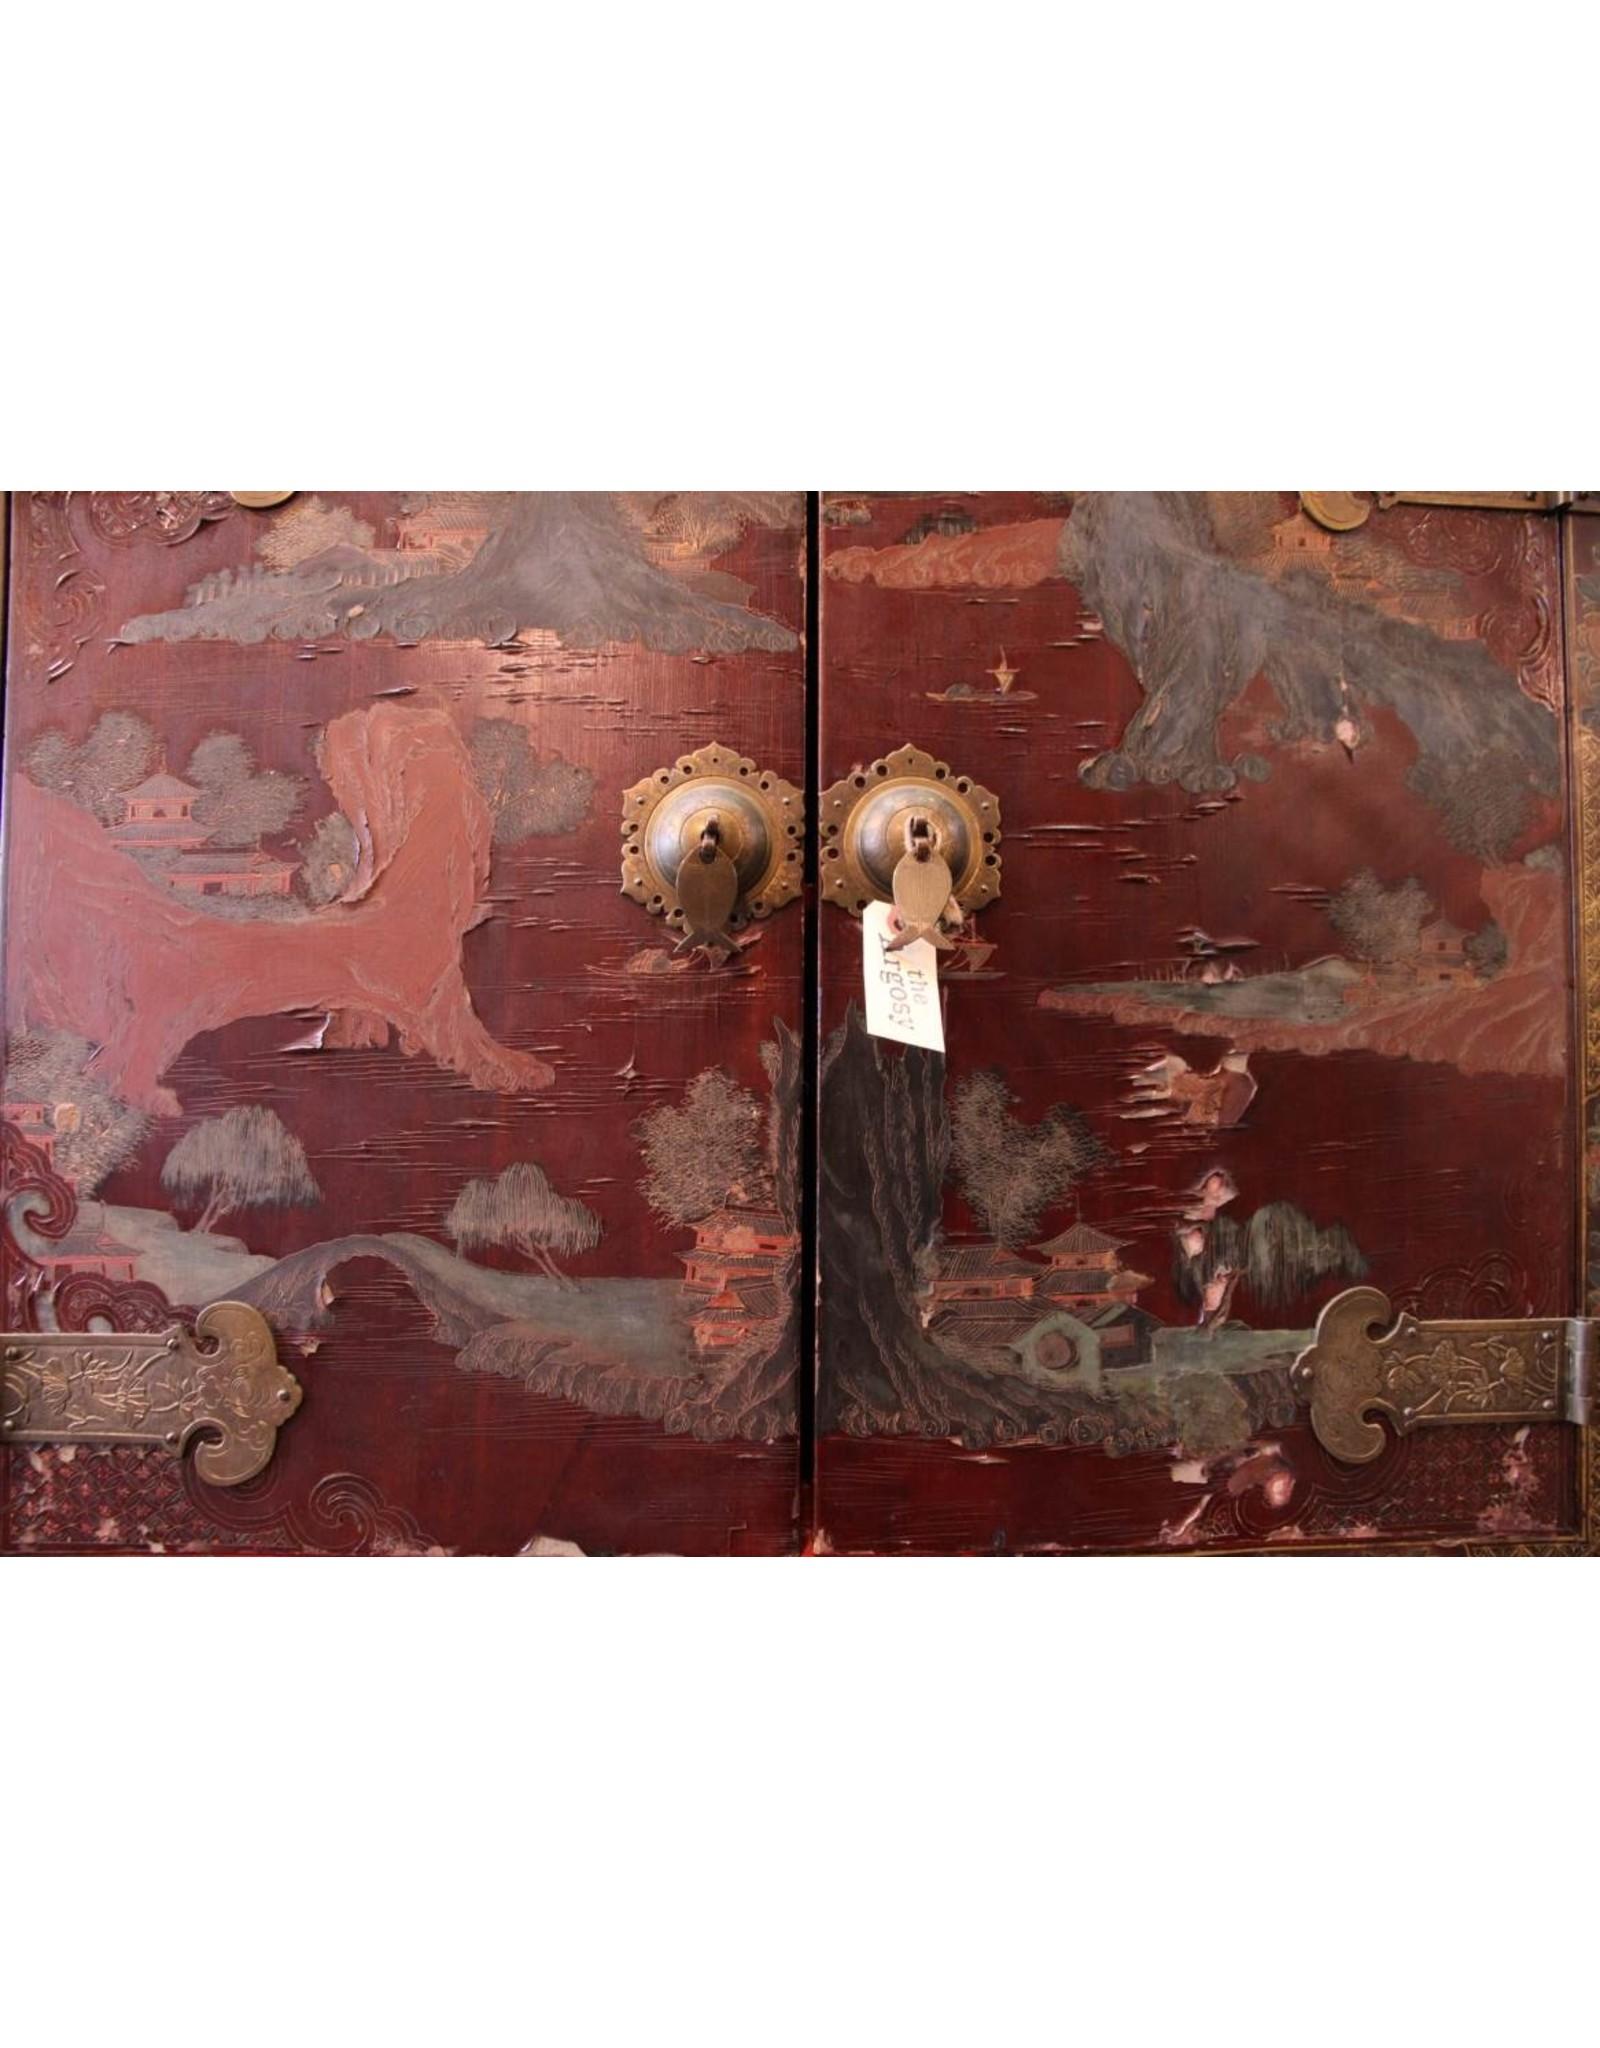 Cabinet - Asian, two door, dark purple motif